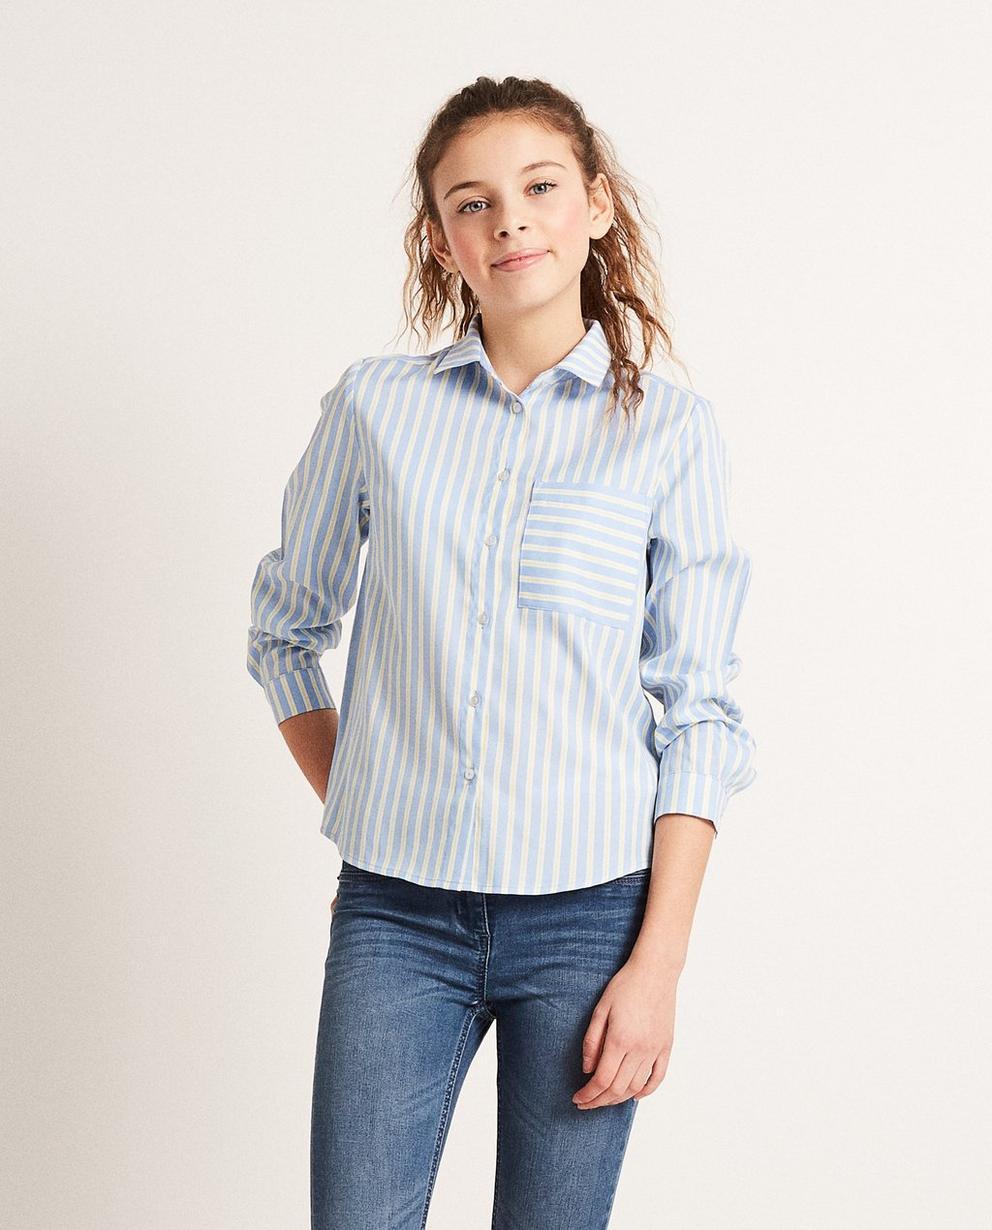 Hemden - AO1 - Gestreiftes Hemd aus Viskose